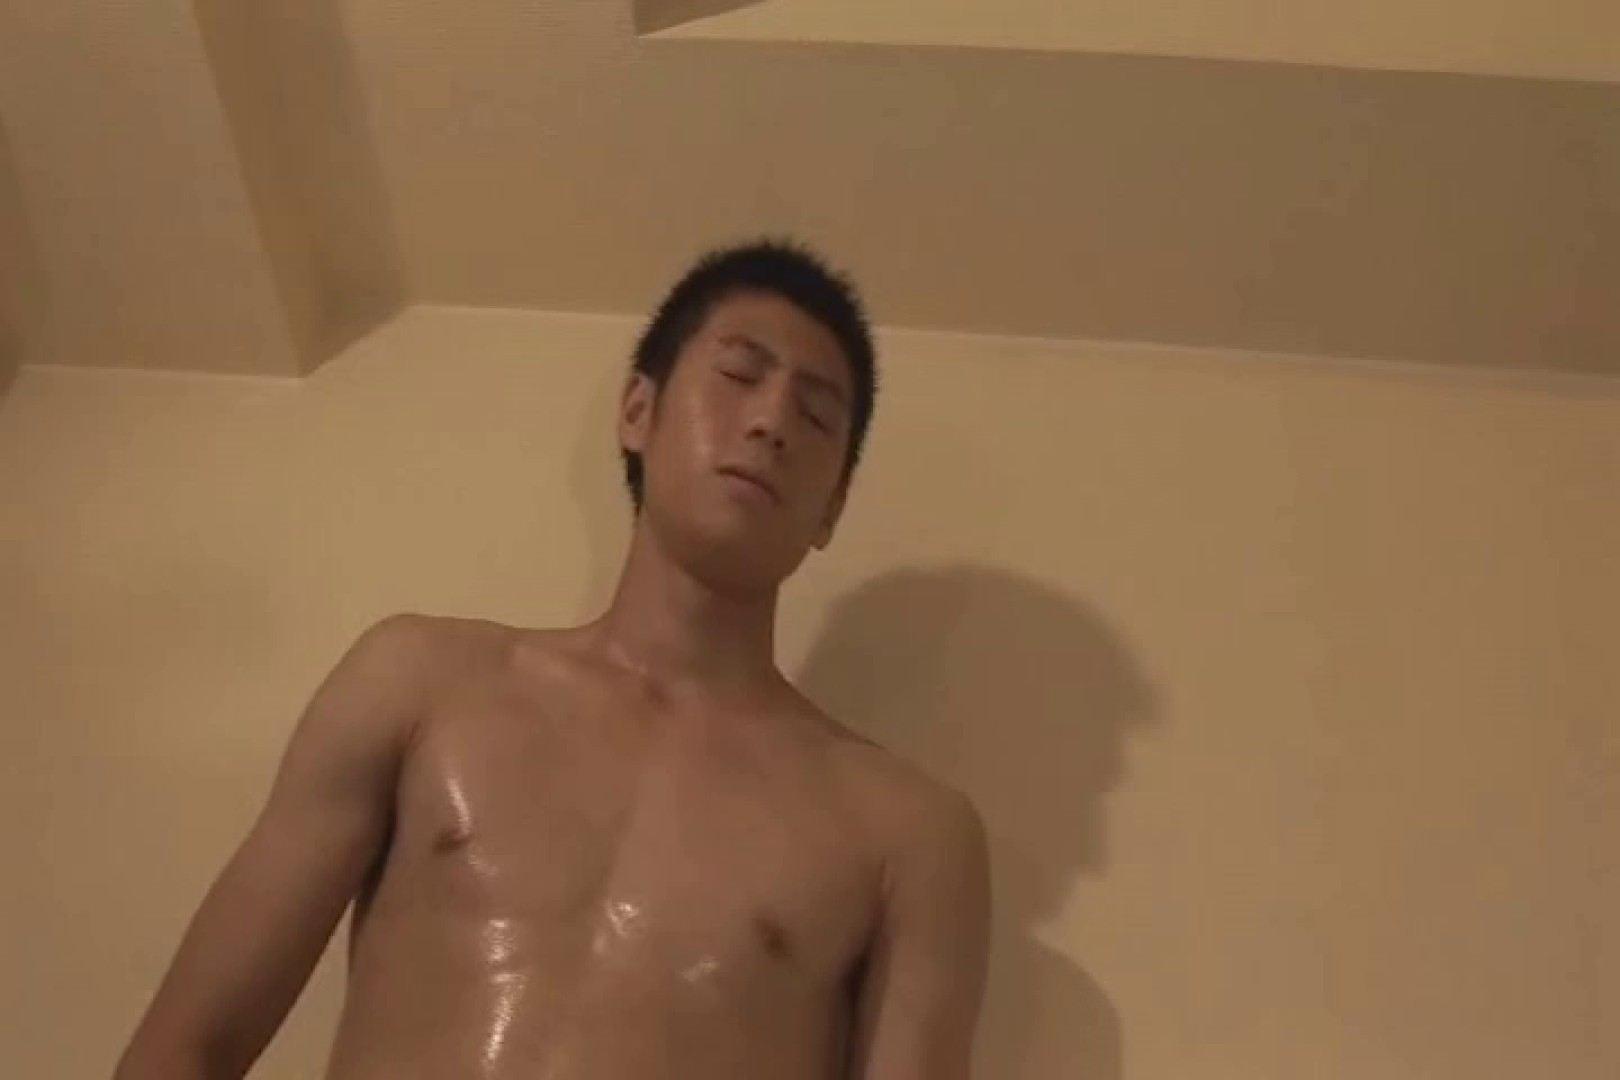 暴れん棒!!雄穴を狙え!! vol.04 射精天国   ゲイの自慰 GAY無修正エロ動画 87pic 71